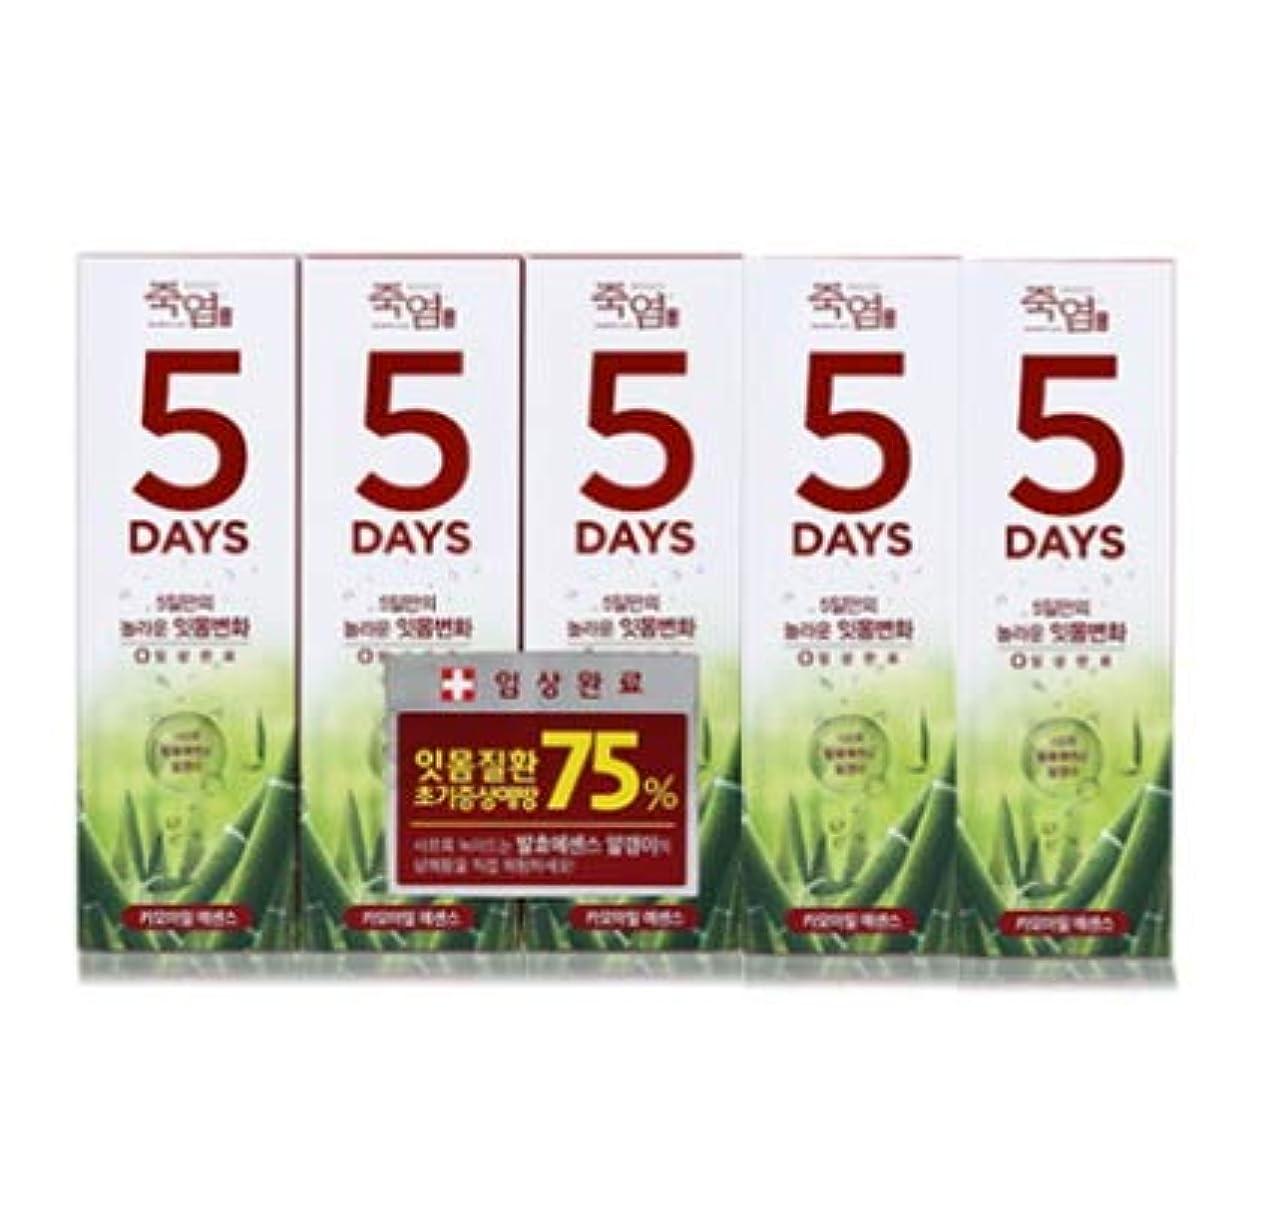 オフ予約複雑な[LG Care/LG生活健康]竹塩歯磨き粉5daysカモミールエッセンス100g x5ea/歯磨きセットスペシャル?リミテッドToothpaste Set Special Limited Korea(海外直送品)